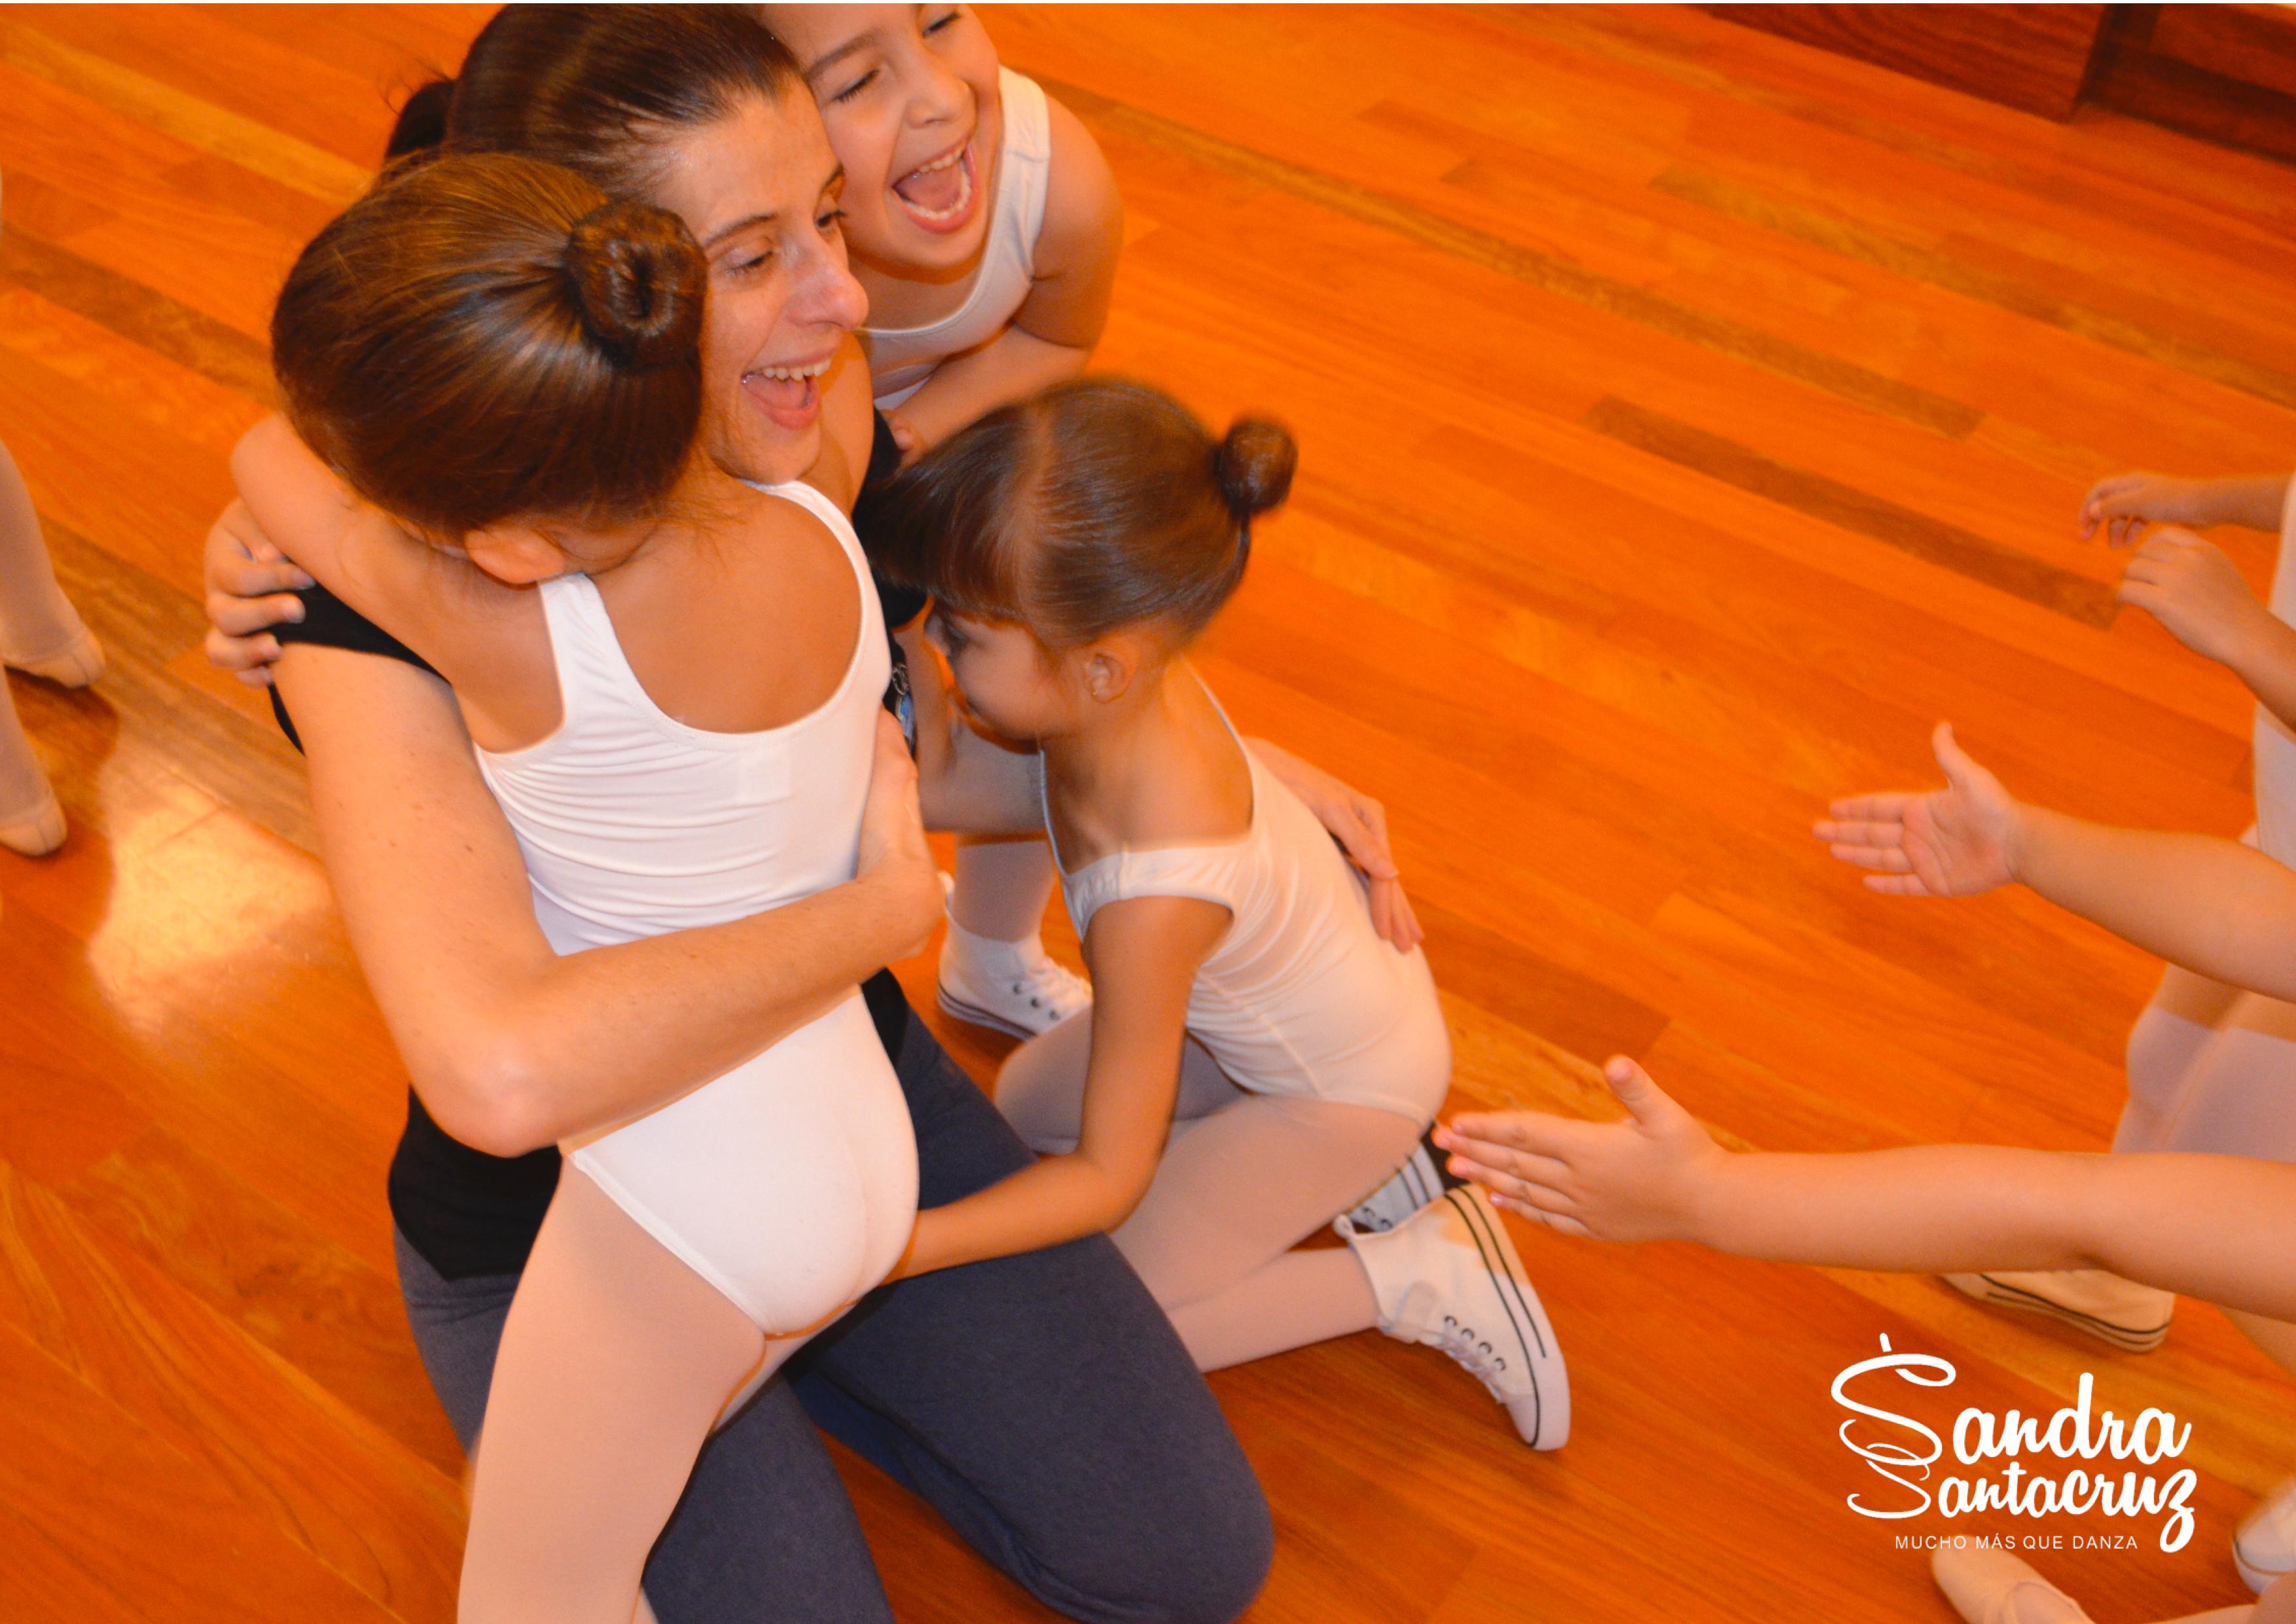 Fotografía de baile de Predanza 1 publicada en su perfil mydance